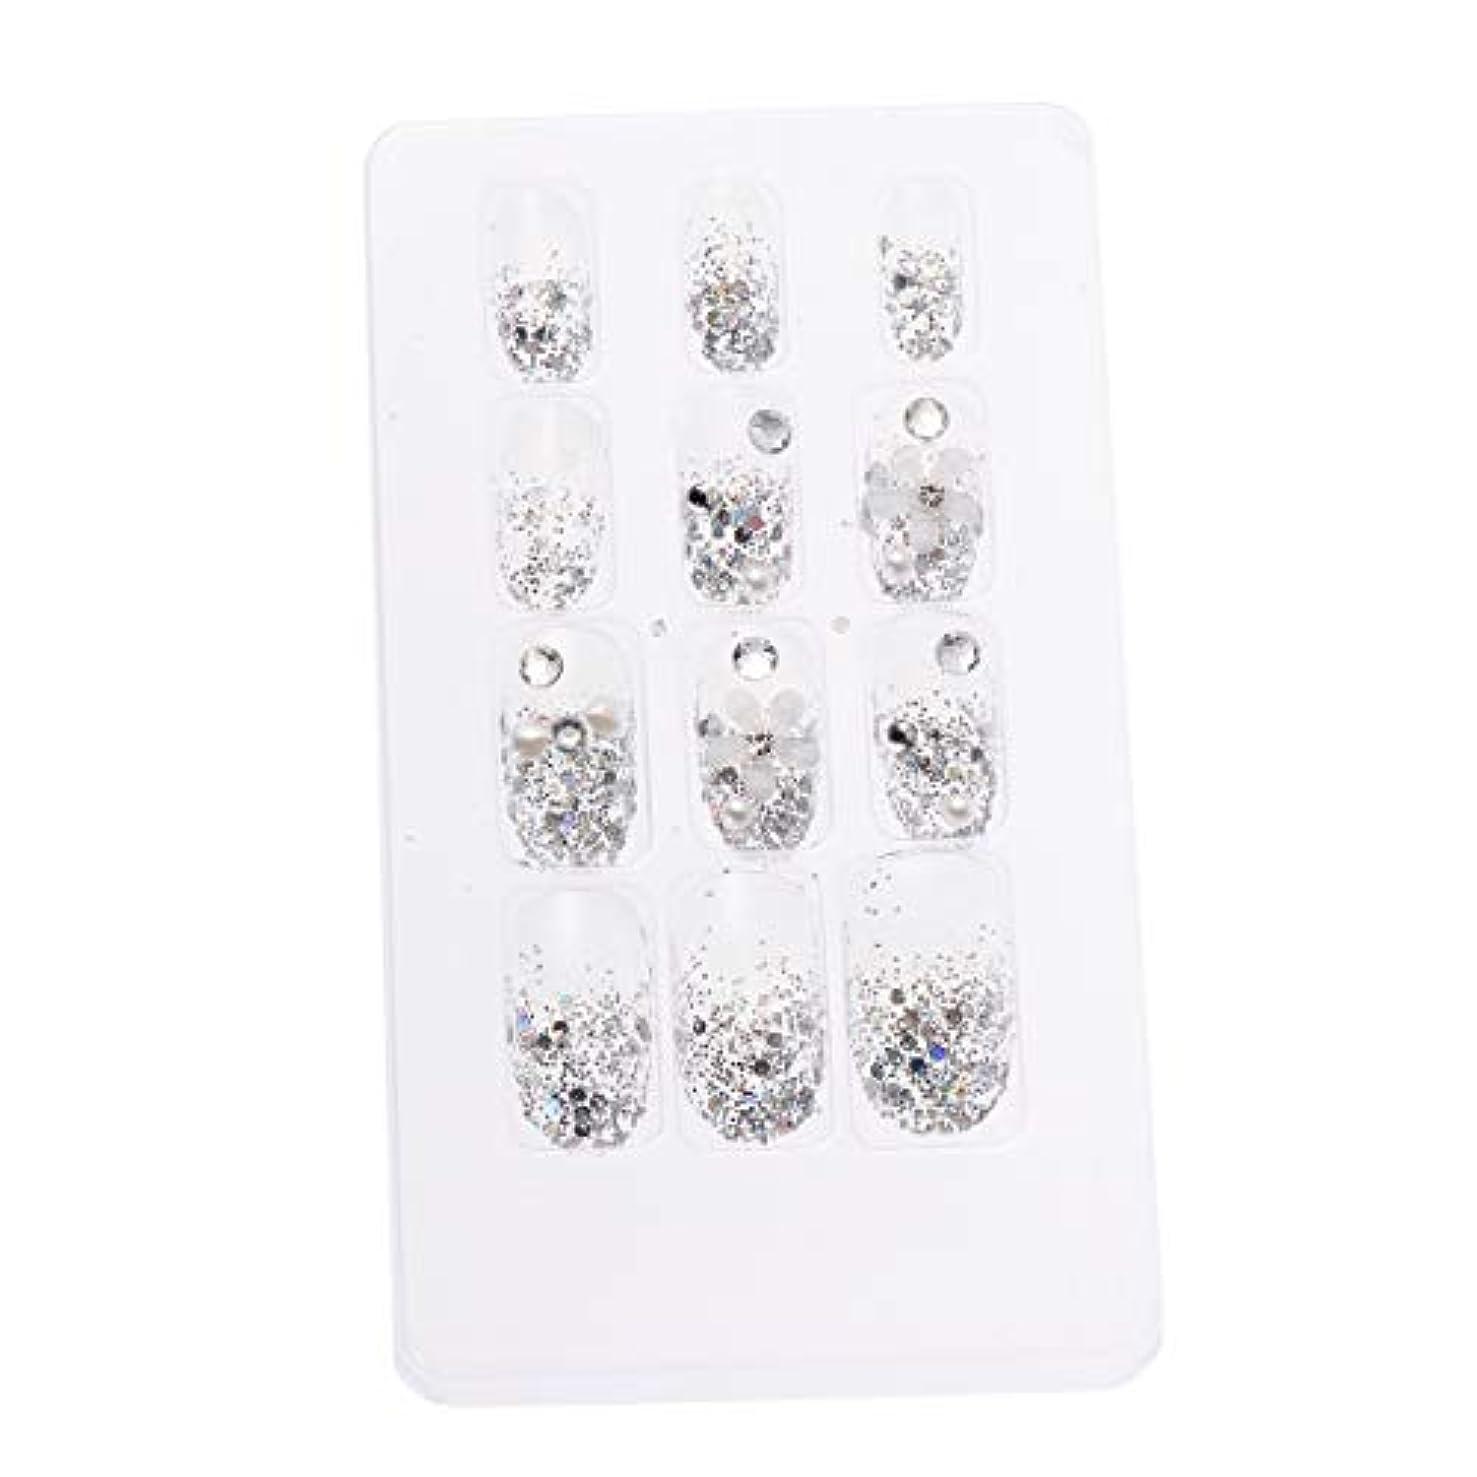 ボイコット世論調査直接LURROSE 24ピースネイルステッカー 人工ダイヤモンド装飾ネイルアート用ブライダル女性